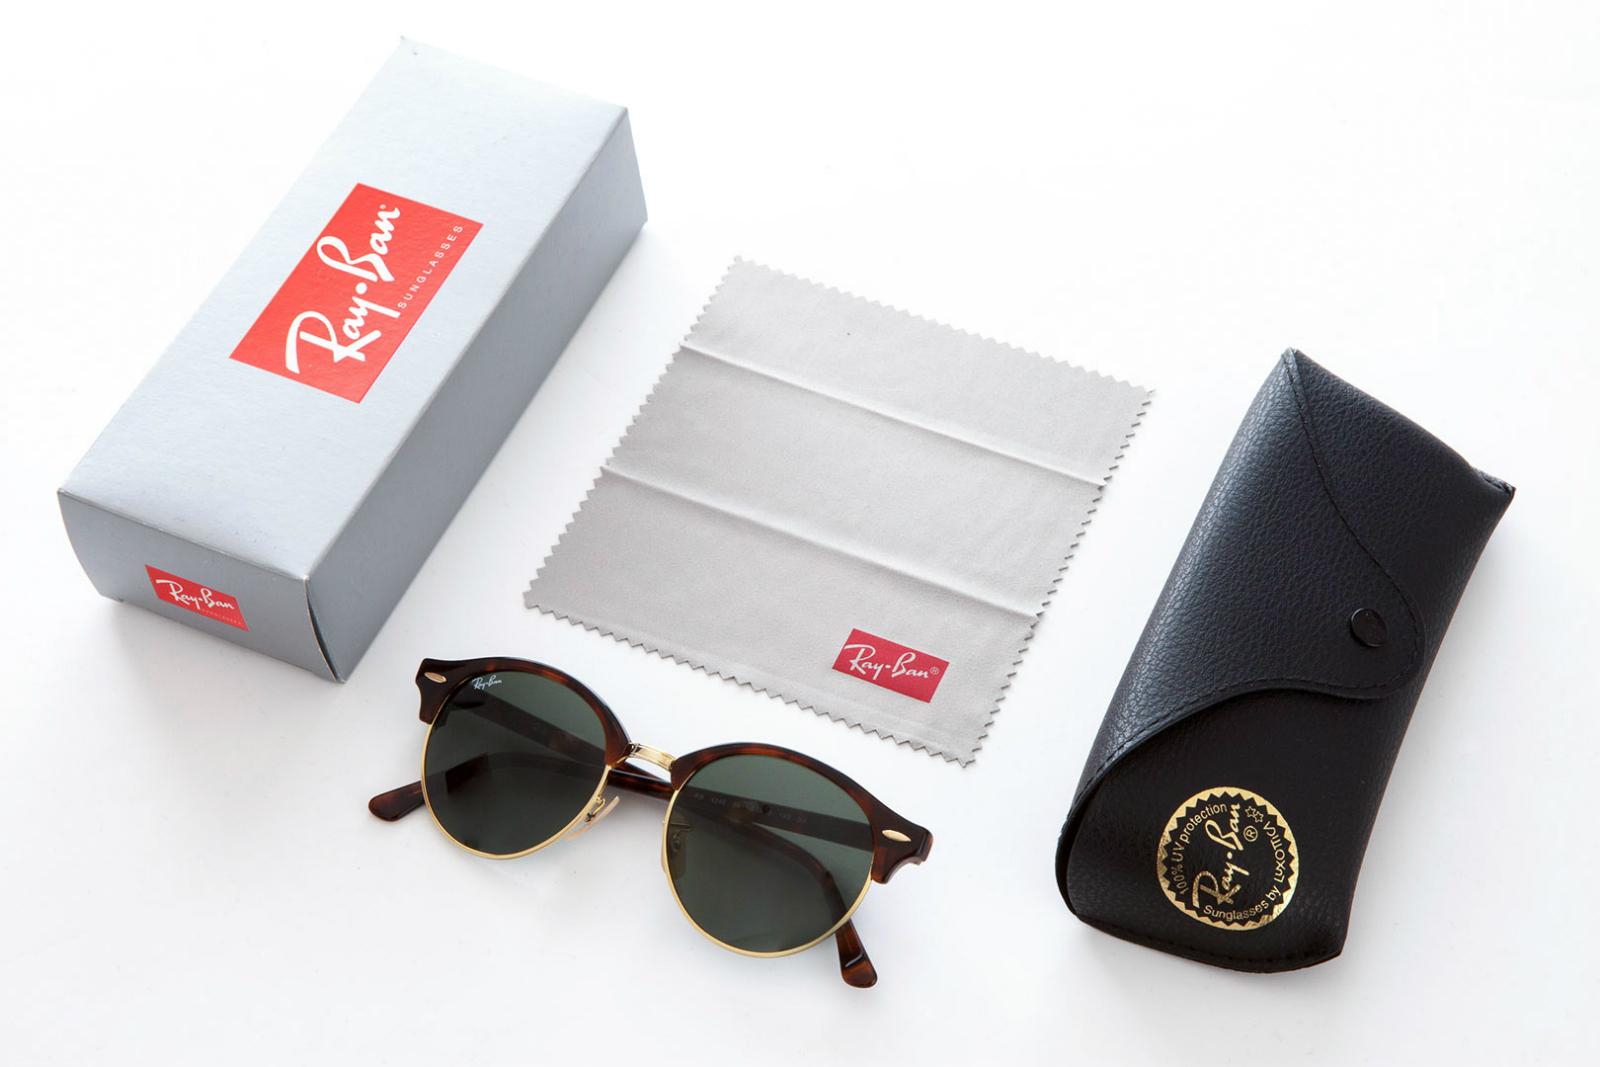 Confezione e accessori Ray-Ban